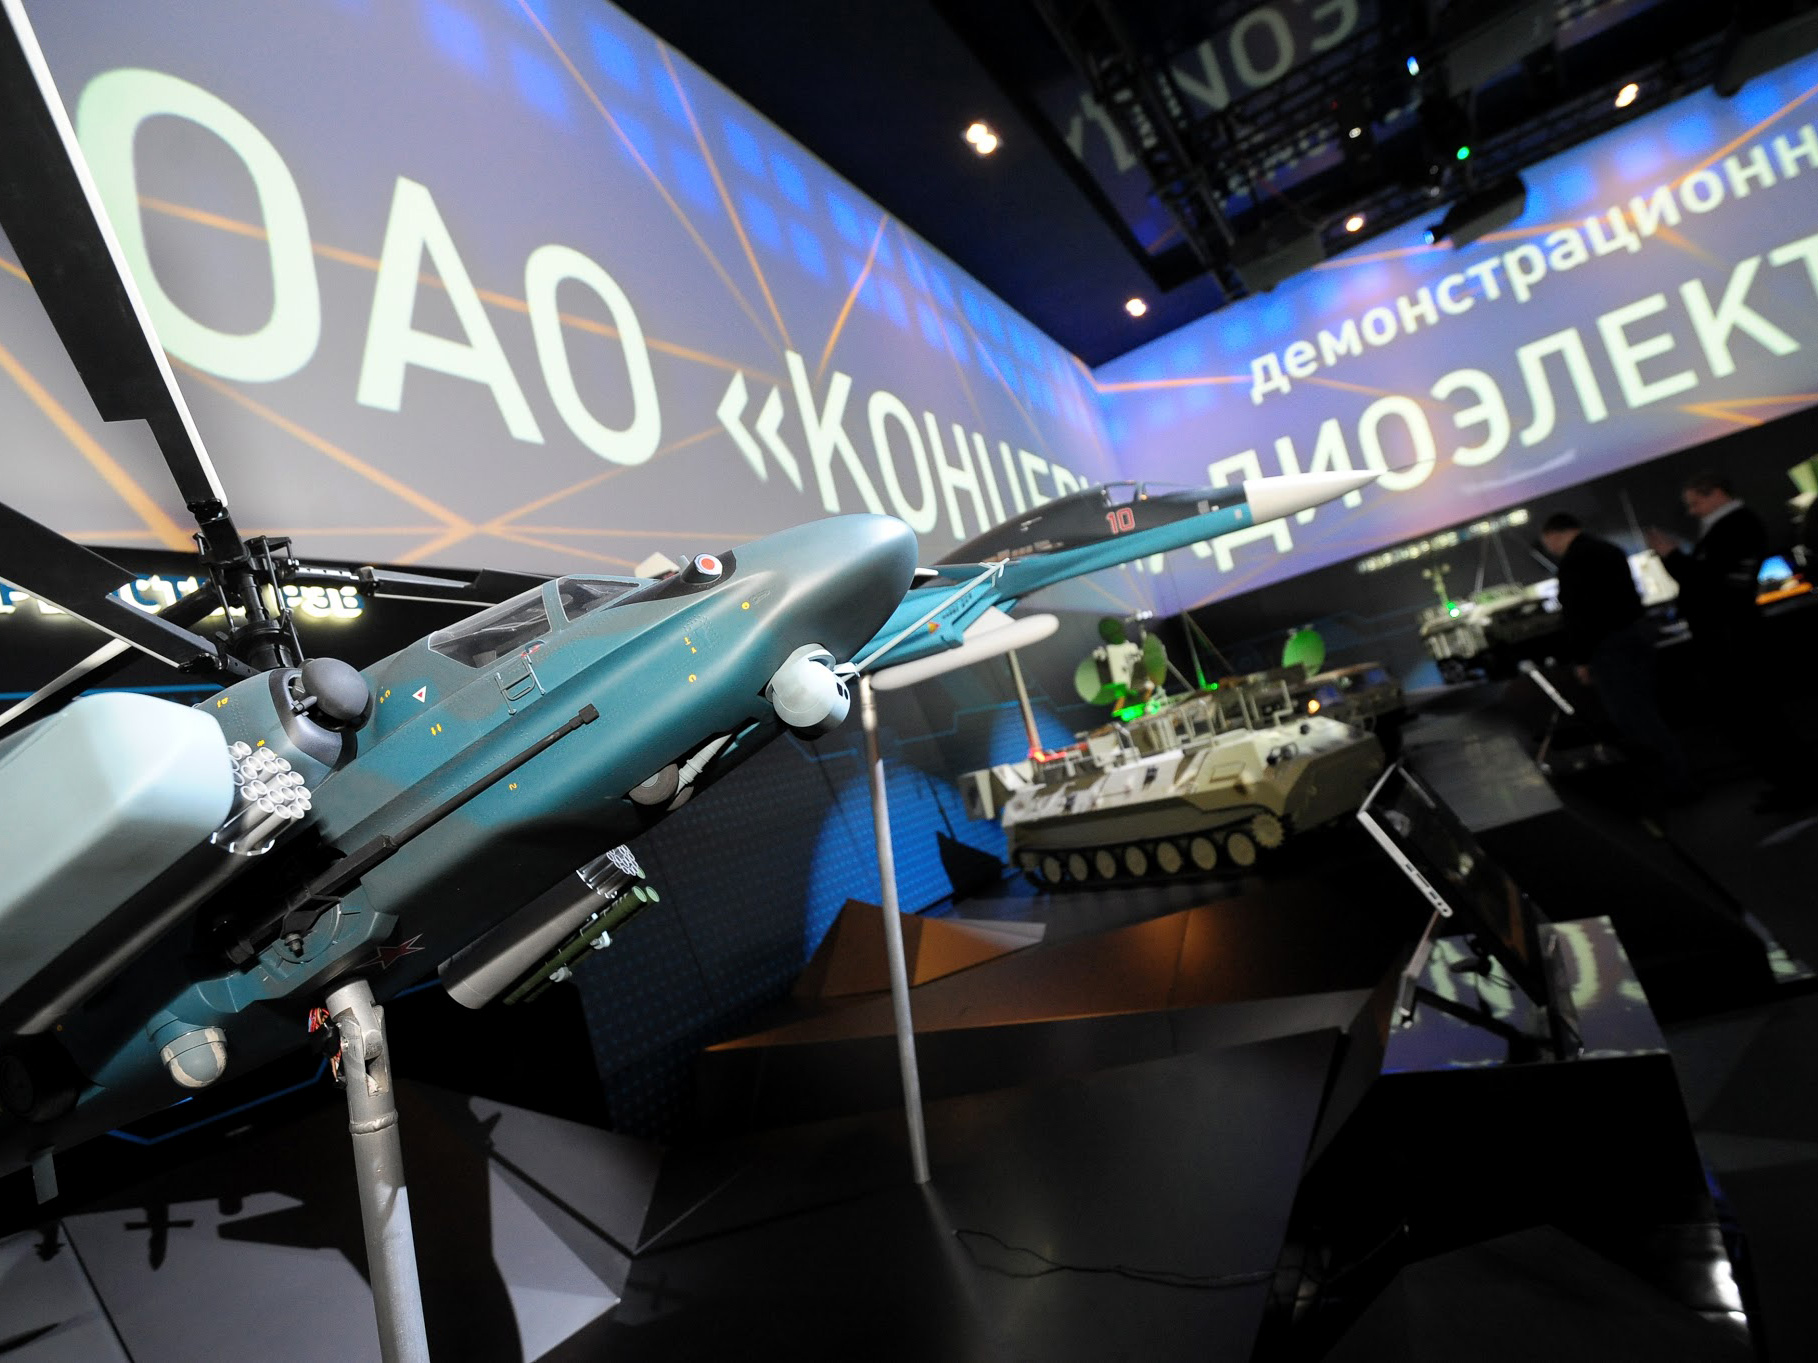 Русские электромагнитные пушки сжигают цели «без возможности восстановления». Что это заоружие